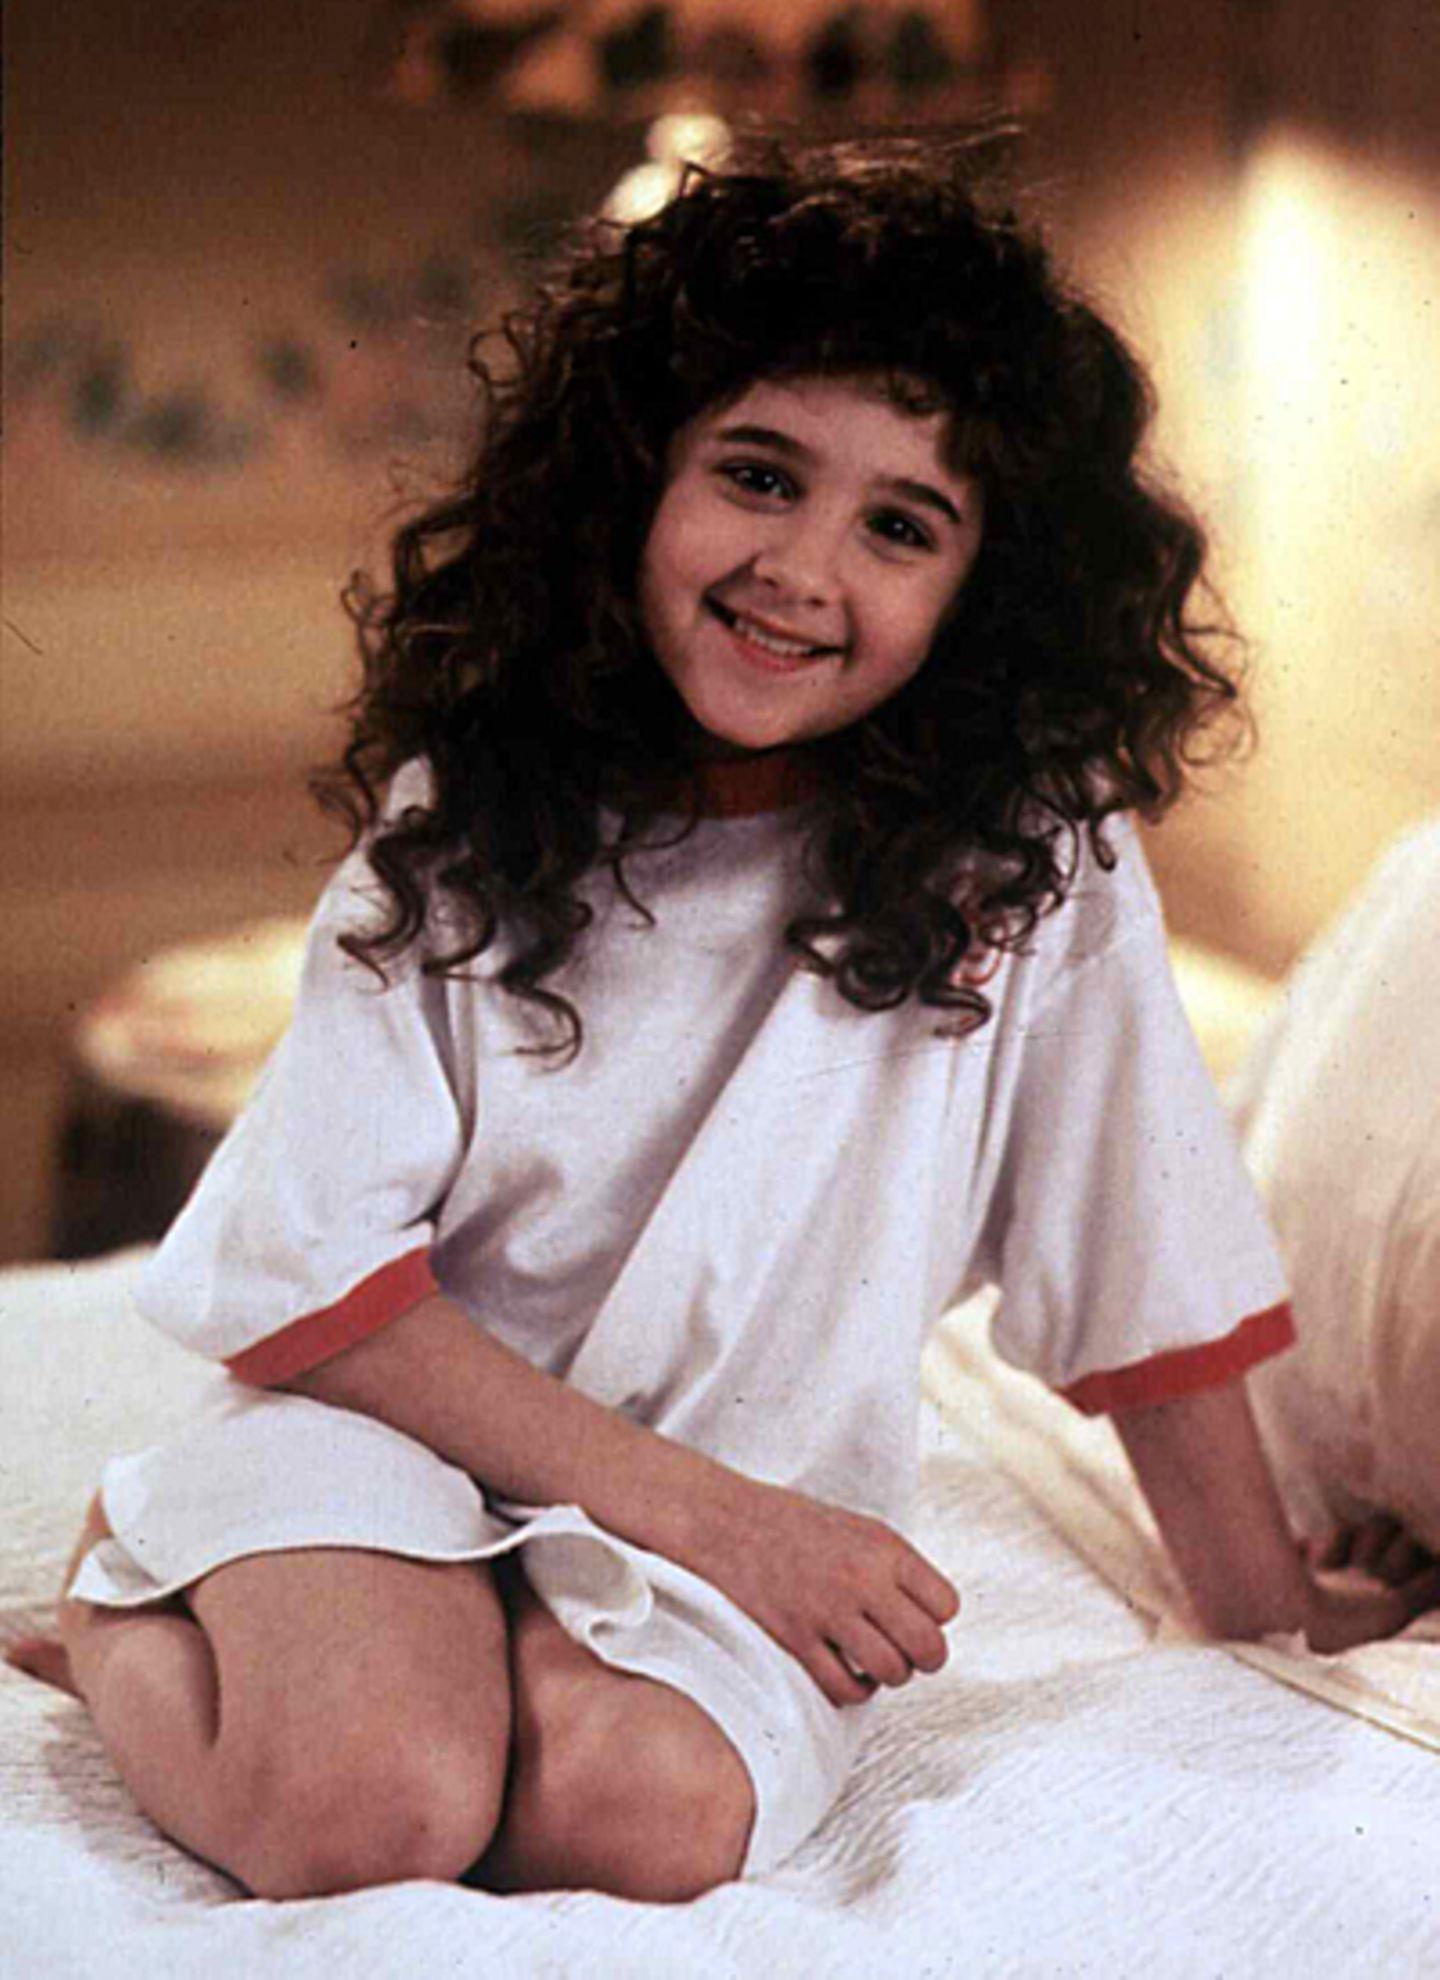 """Als Fünfjährige wurde Alisan Porter bei der amerikanischen Version der Castingshow """"Star Search"""" entdeckt und sorgte mit zehn Jahren als süßer Lockenkopf im Film """"Curly Sue"""" an der Seite von James Belushi für Wirbel."""